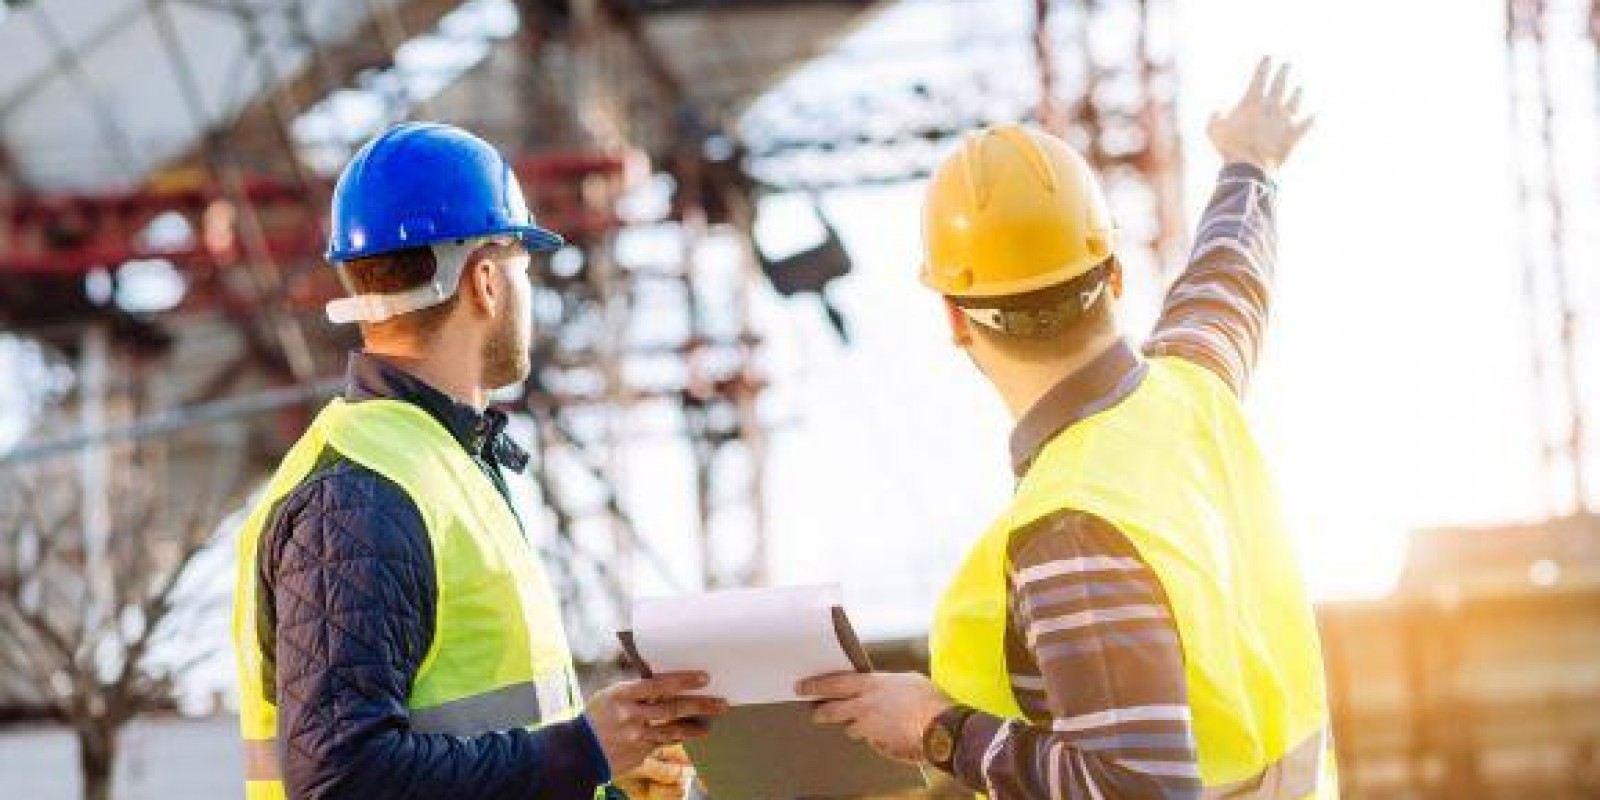 Custo de material não pode ser excluído do IRPJ por construtora no lucro presumido